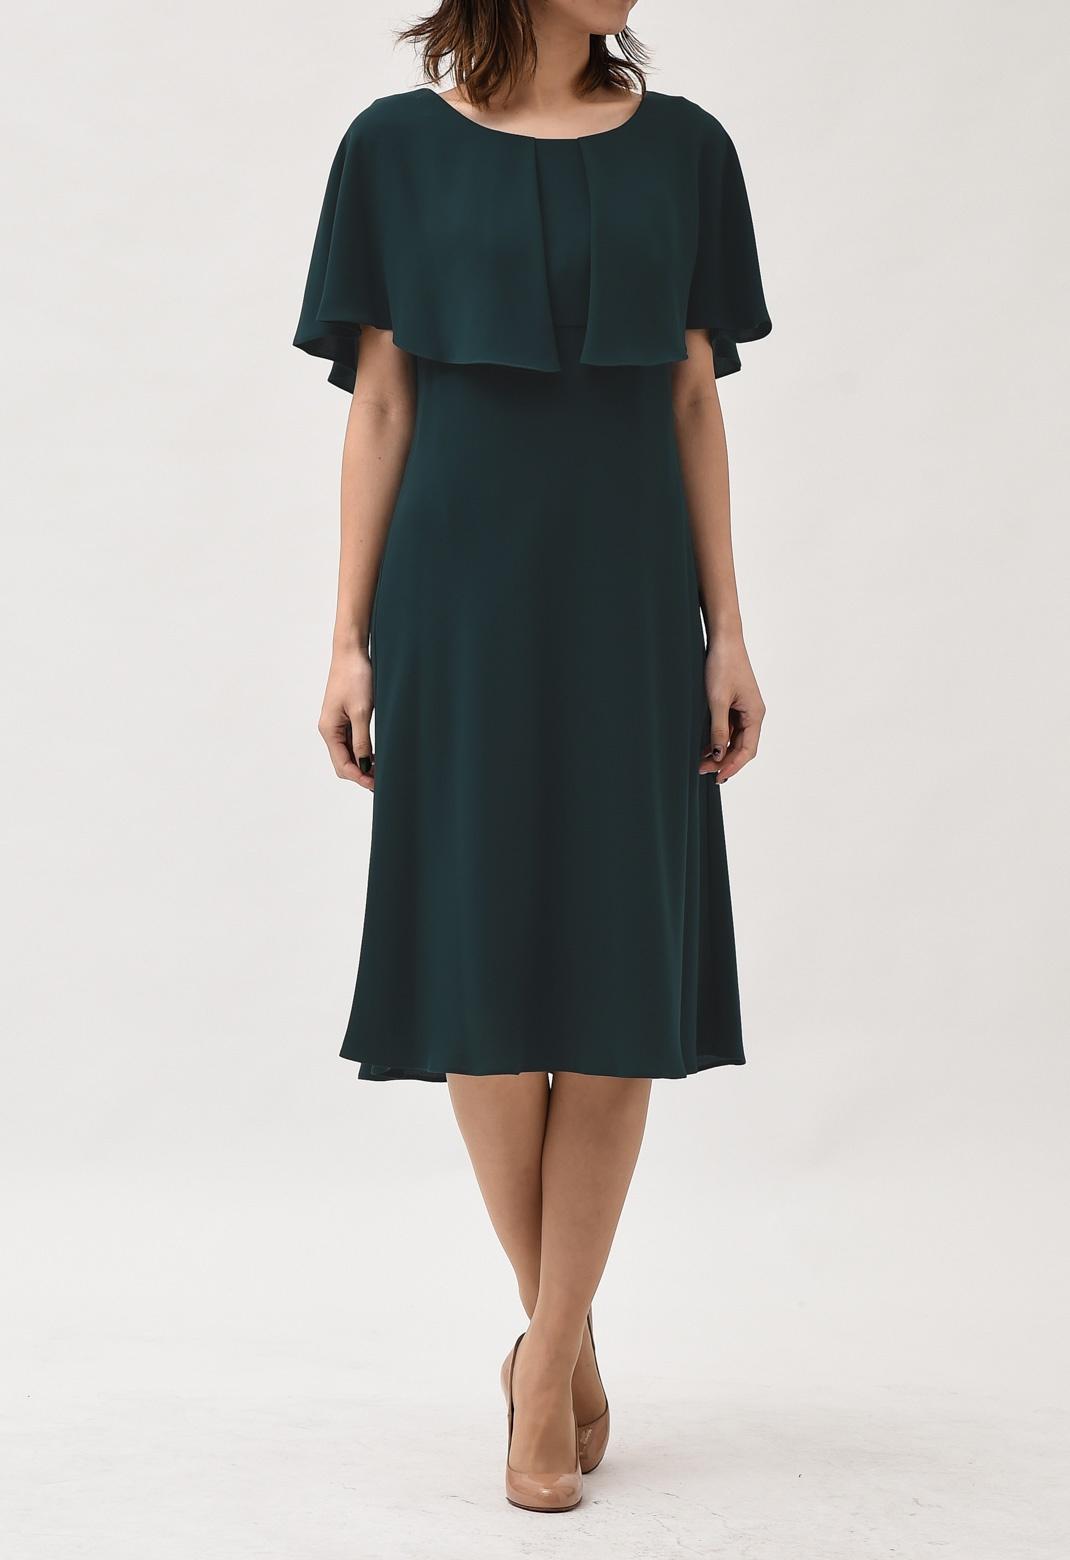 ケープ風レイヤード 半袖ドレス